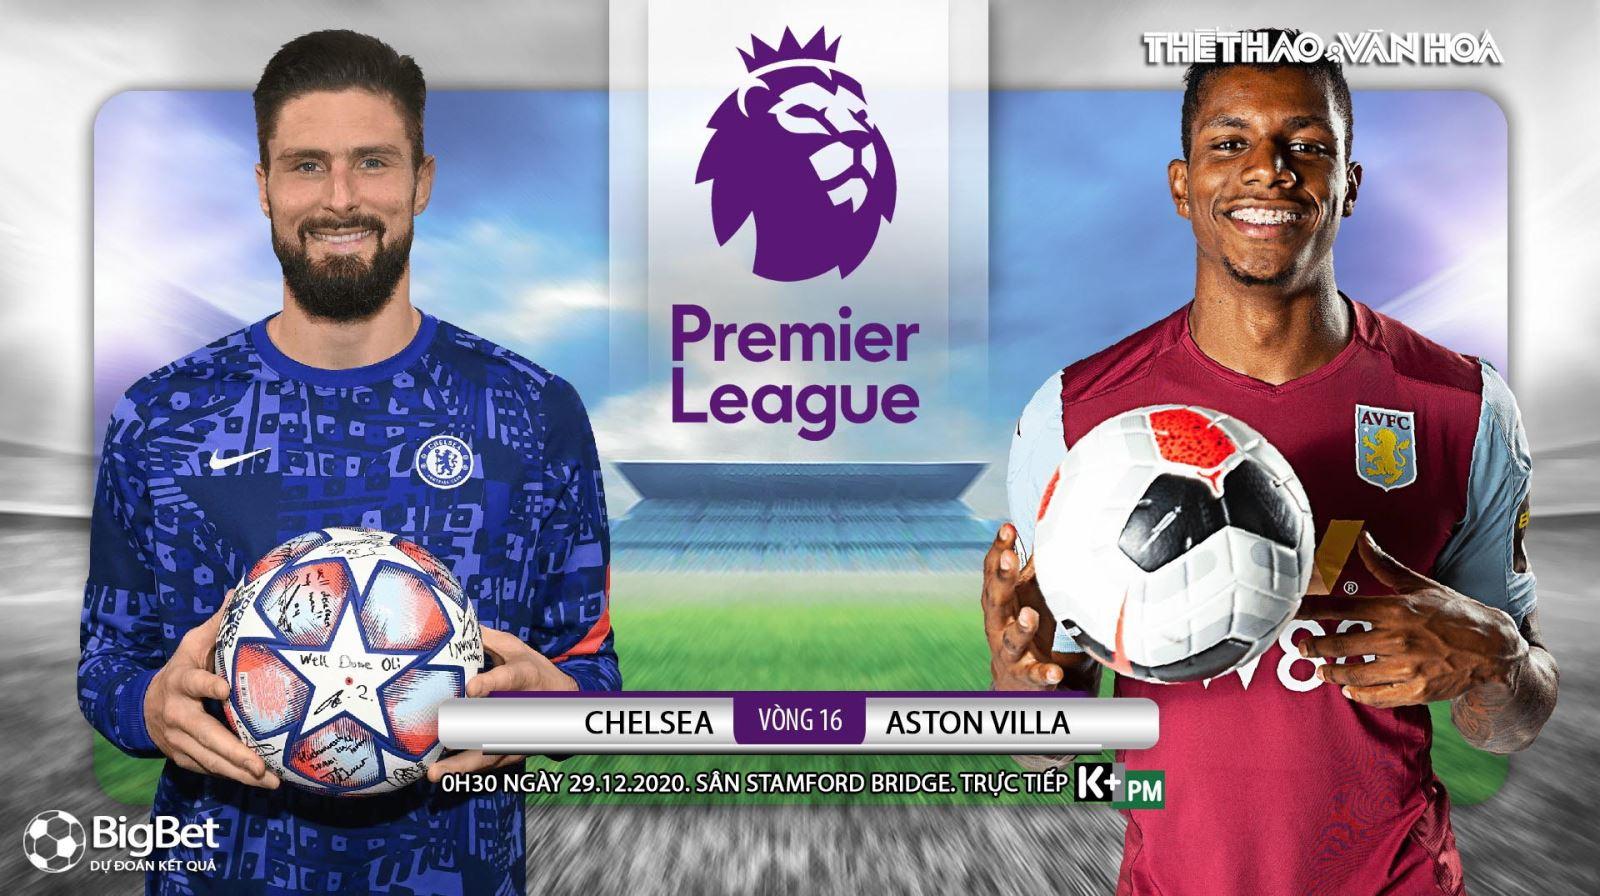 Soi kèo nhà cái Chelsea vs Aston Villa. Trực tiếp bóng đá Anh hôm nay